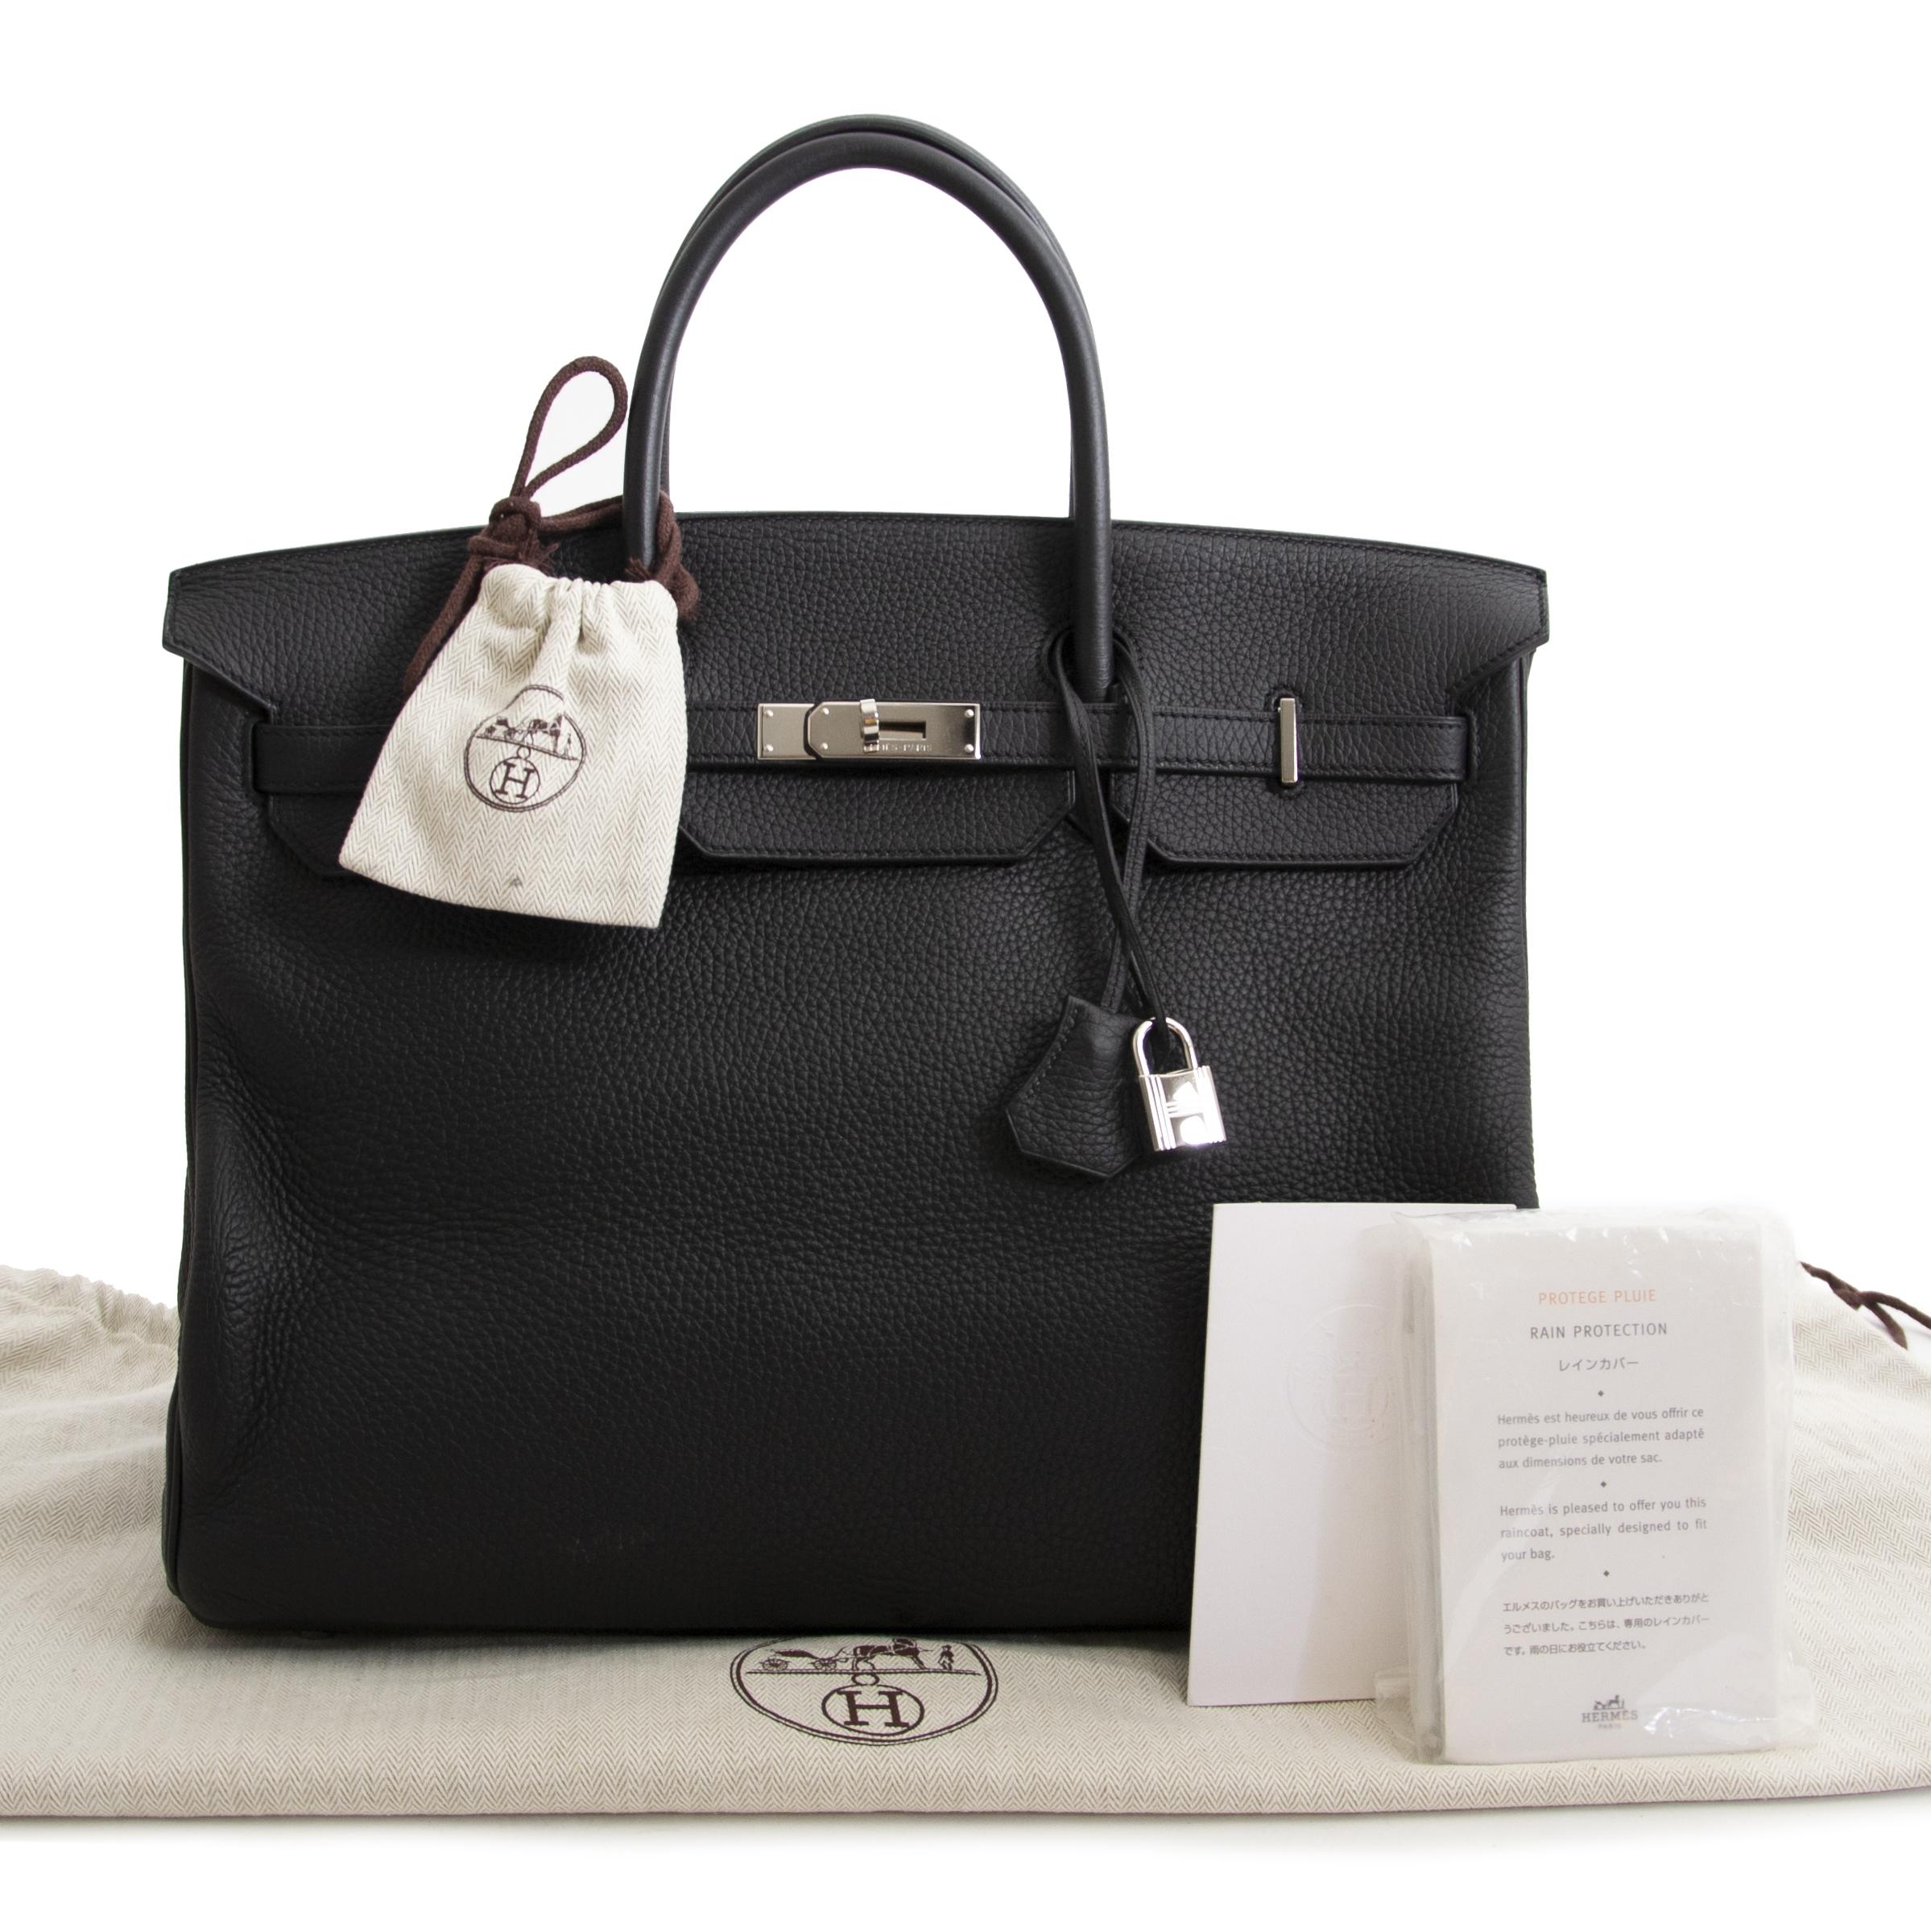 ... shop safe online secondhand Hermès Birkin 40cm Black Clemence Taurillon  PHW a9cc647b78a